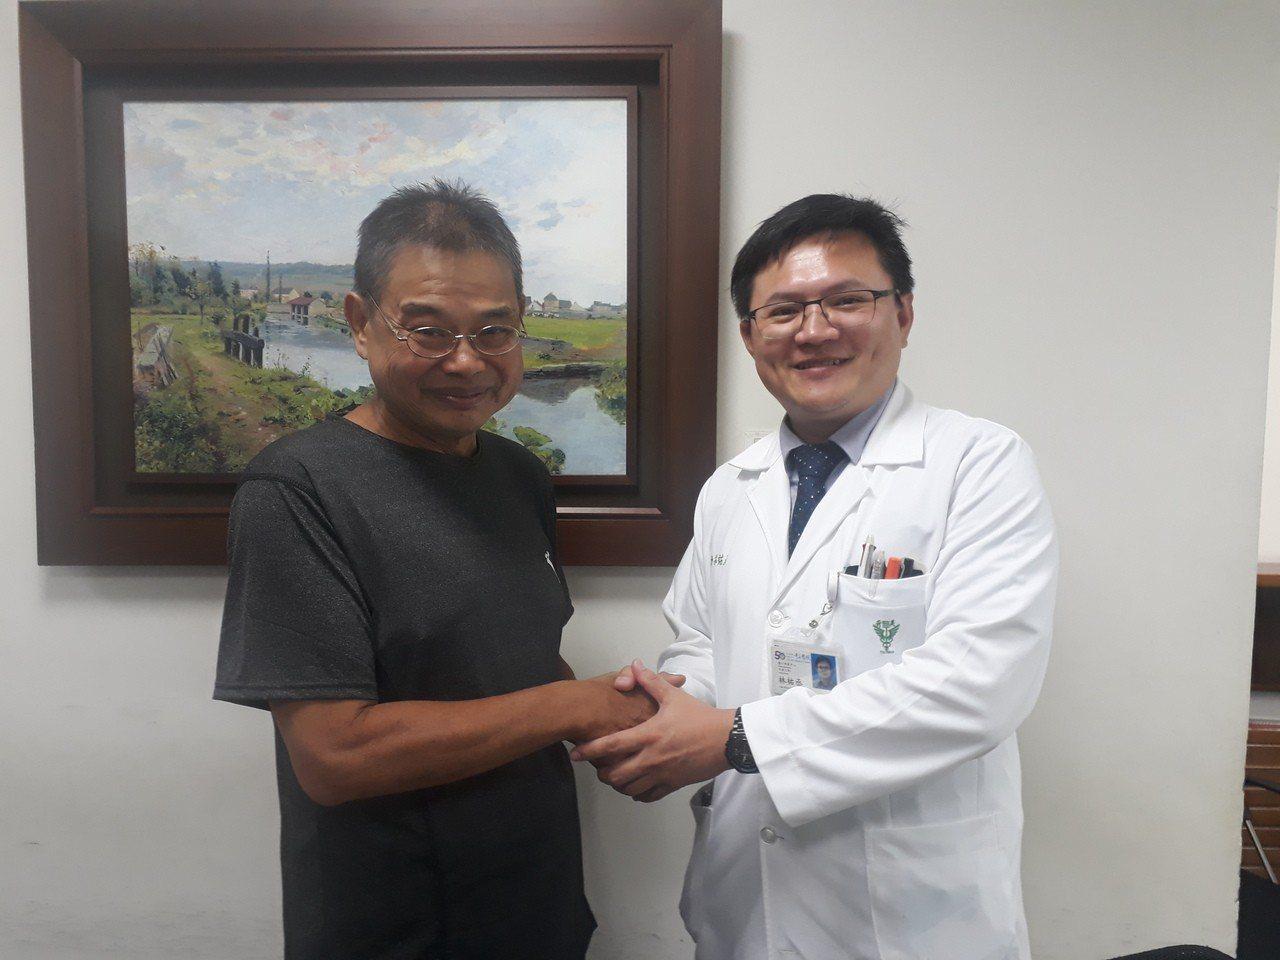 王姓患者感謝林祐丞醫師醫治。記者周宗禎/攝影